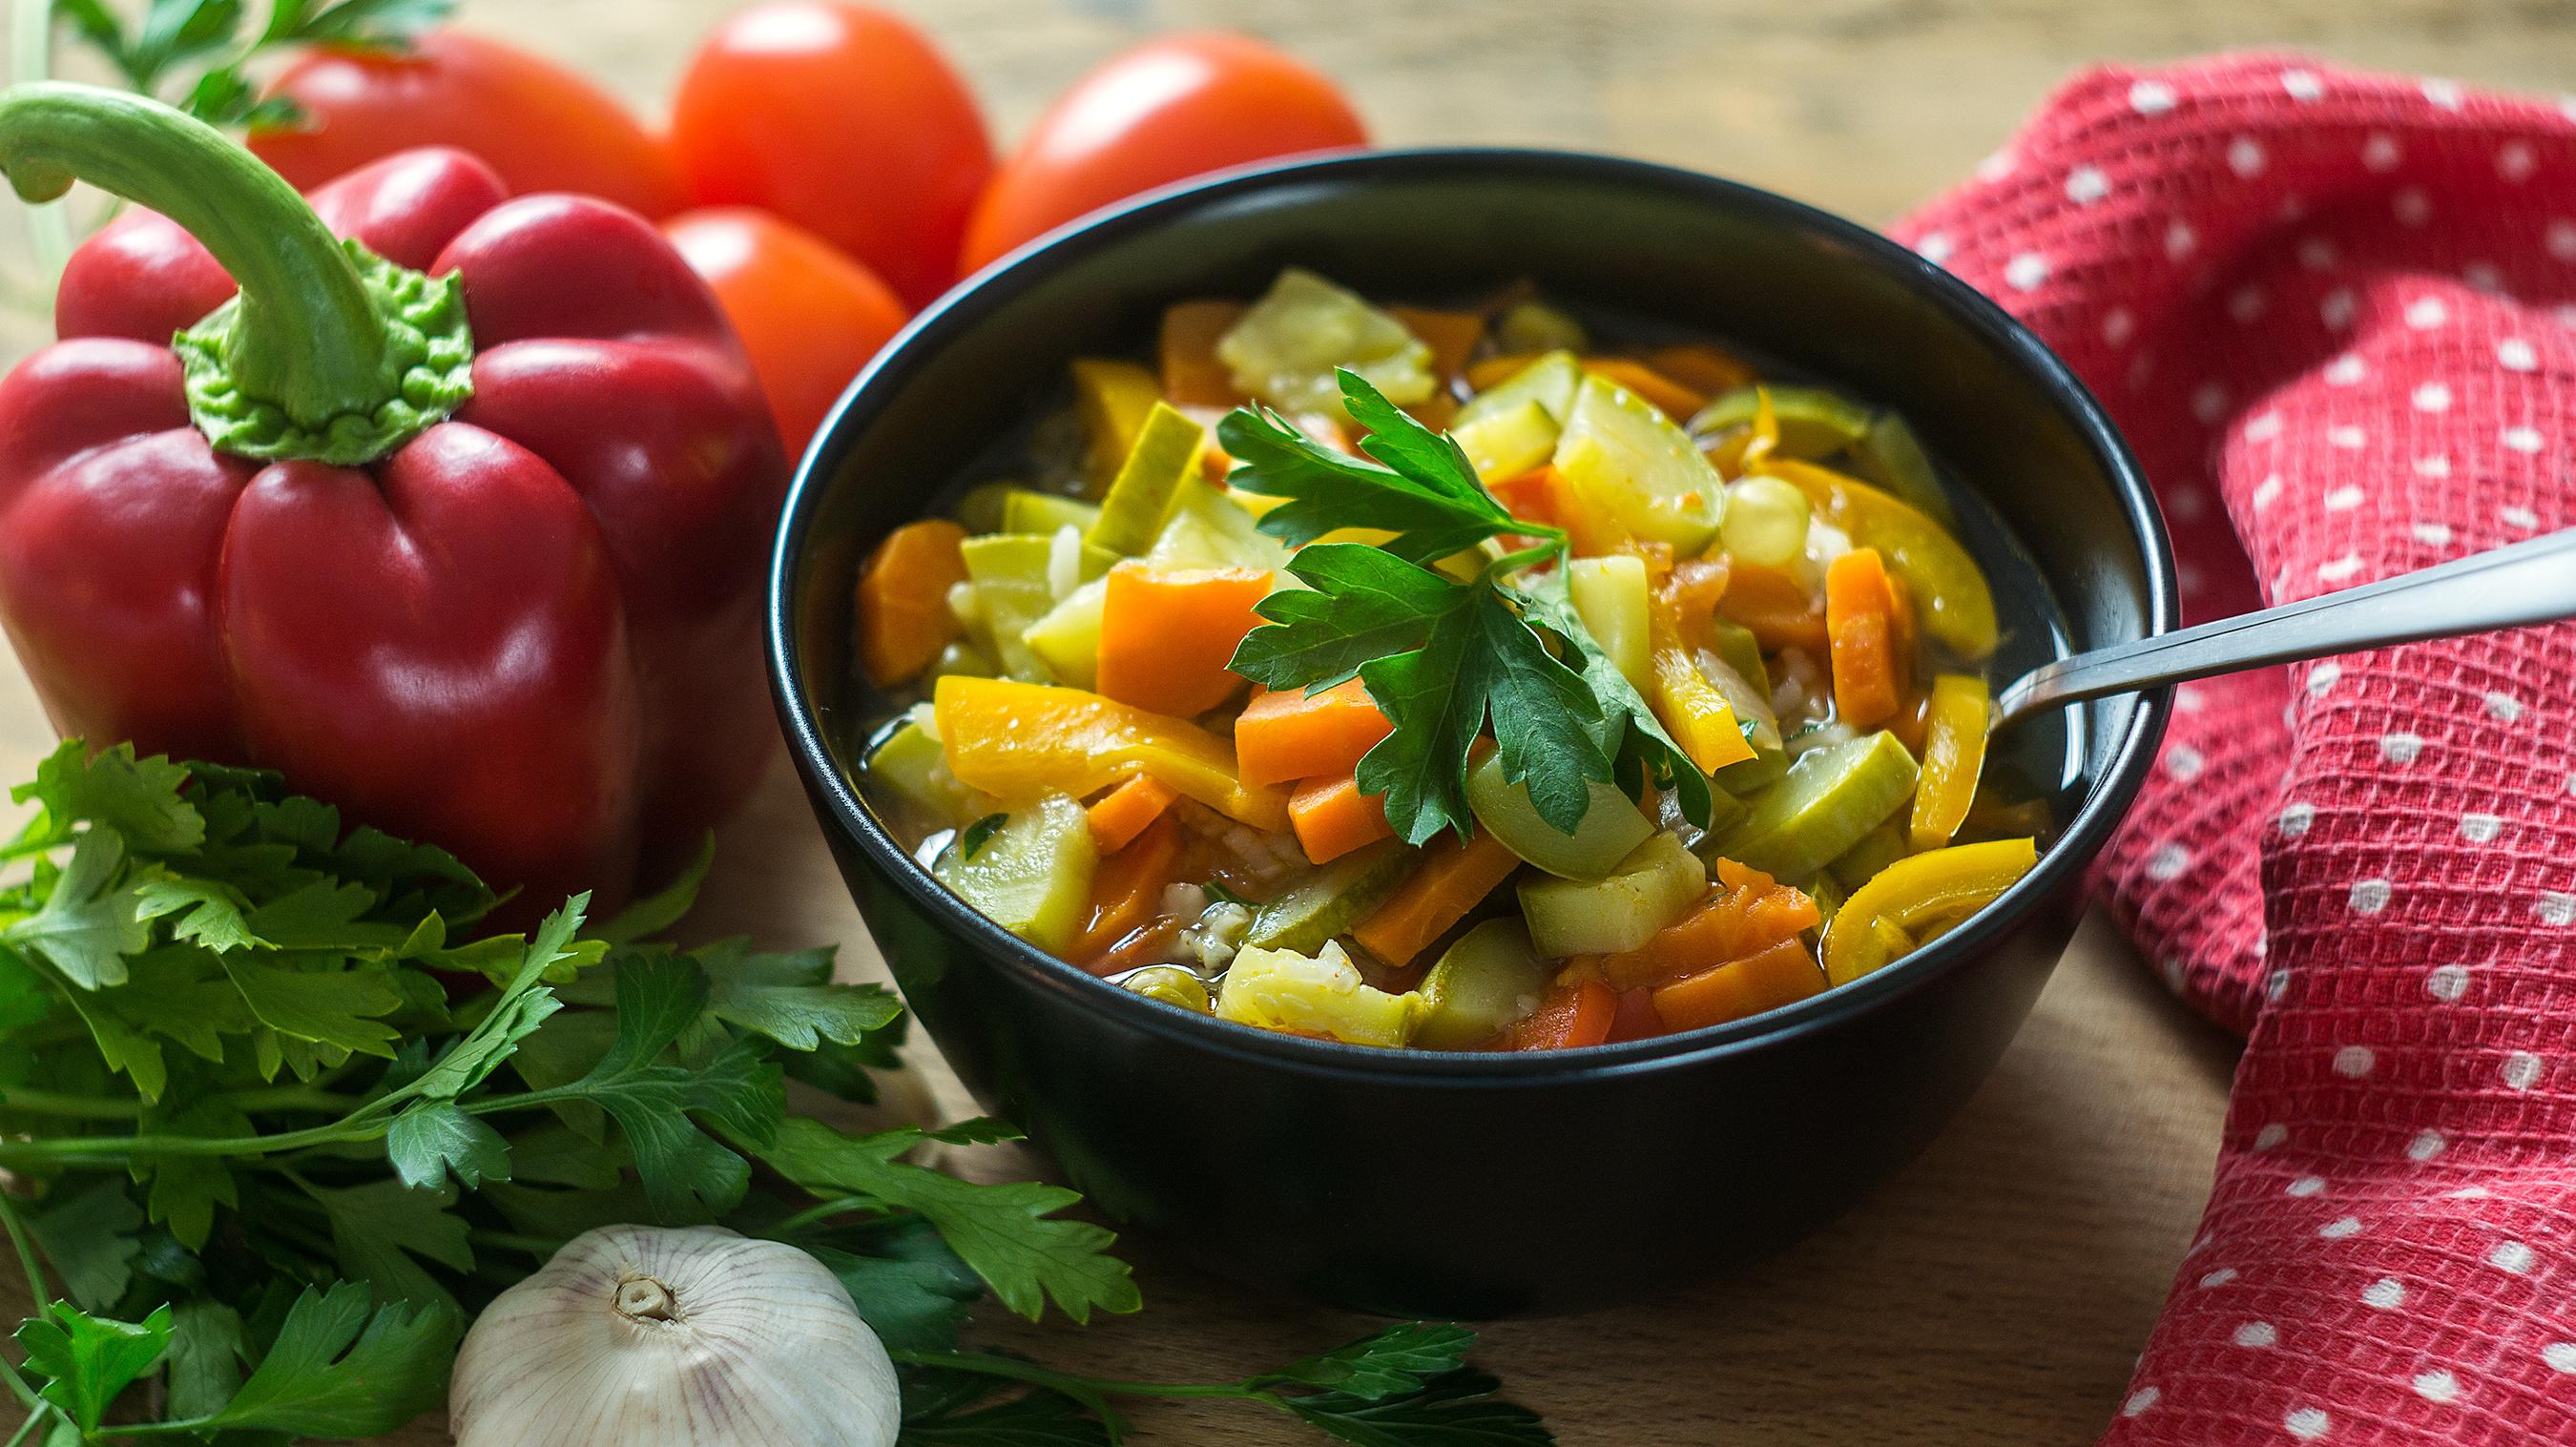 czy jedzenie pomidorów może szkodzić | Medycynapl